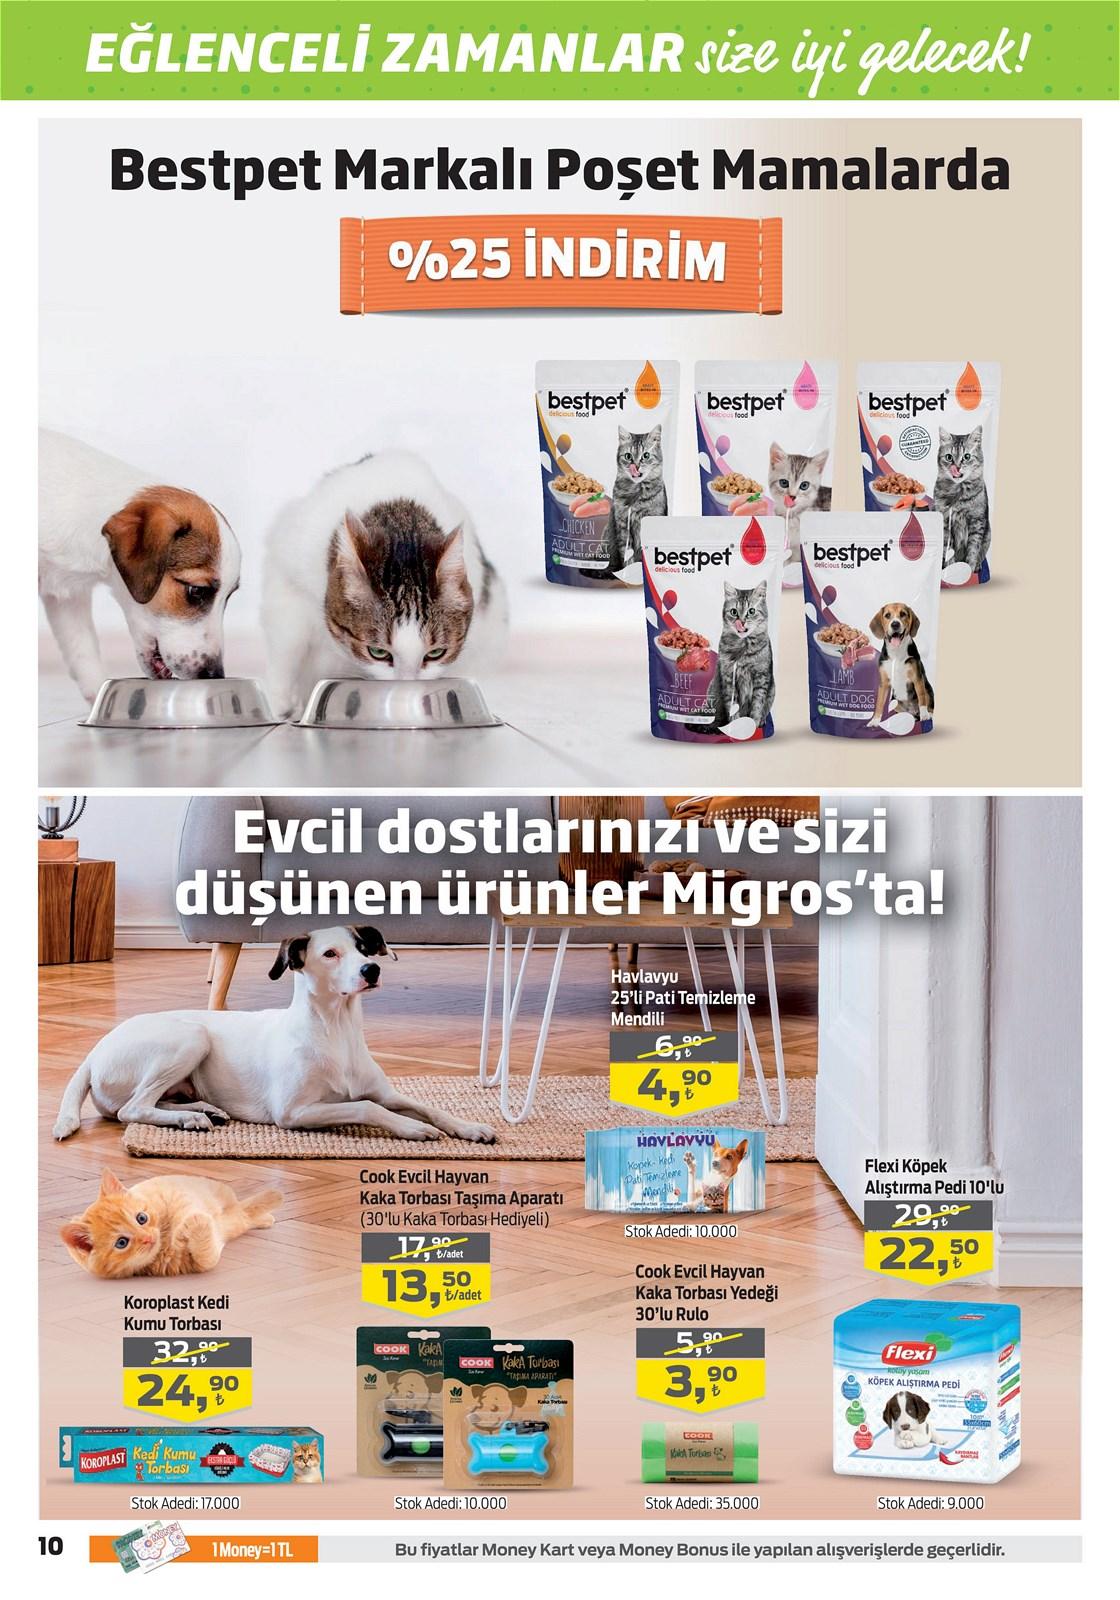 03.06.2021 Migros broşürü 10. sayfa